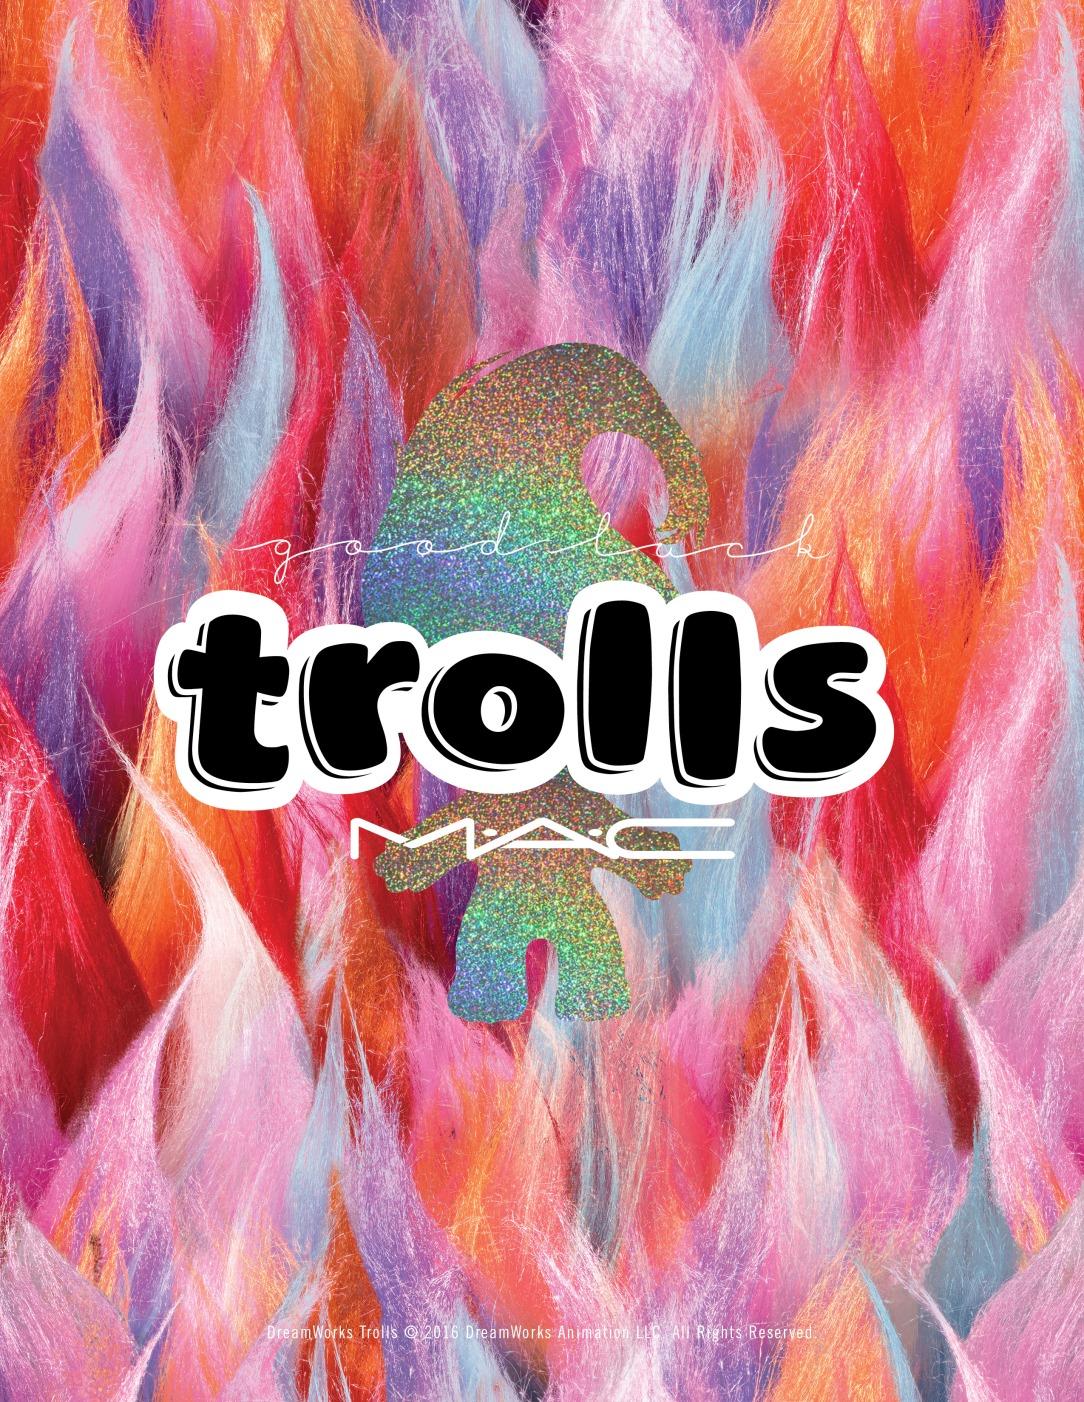 TROLLS_RGB_300.jpg